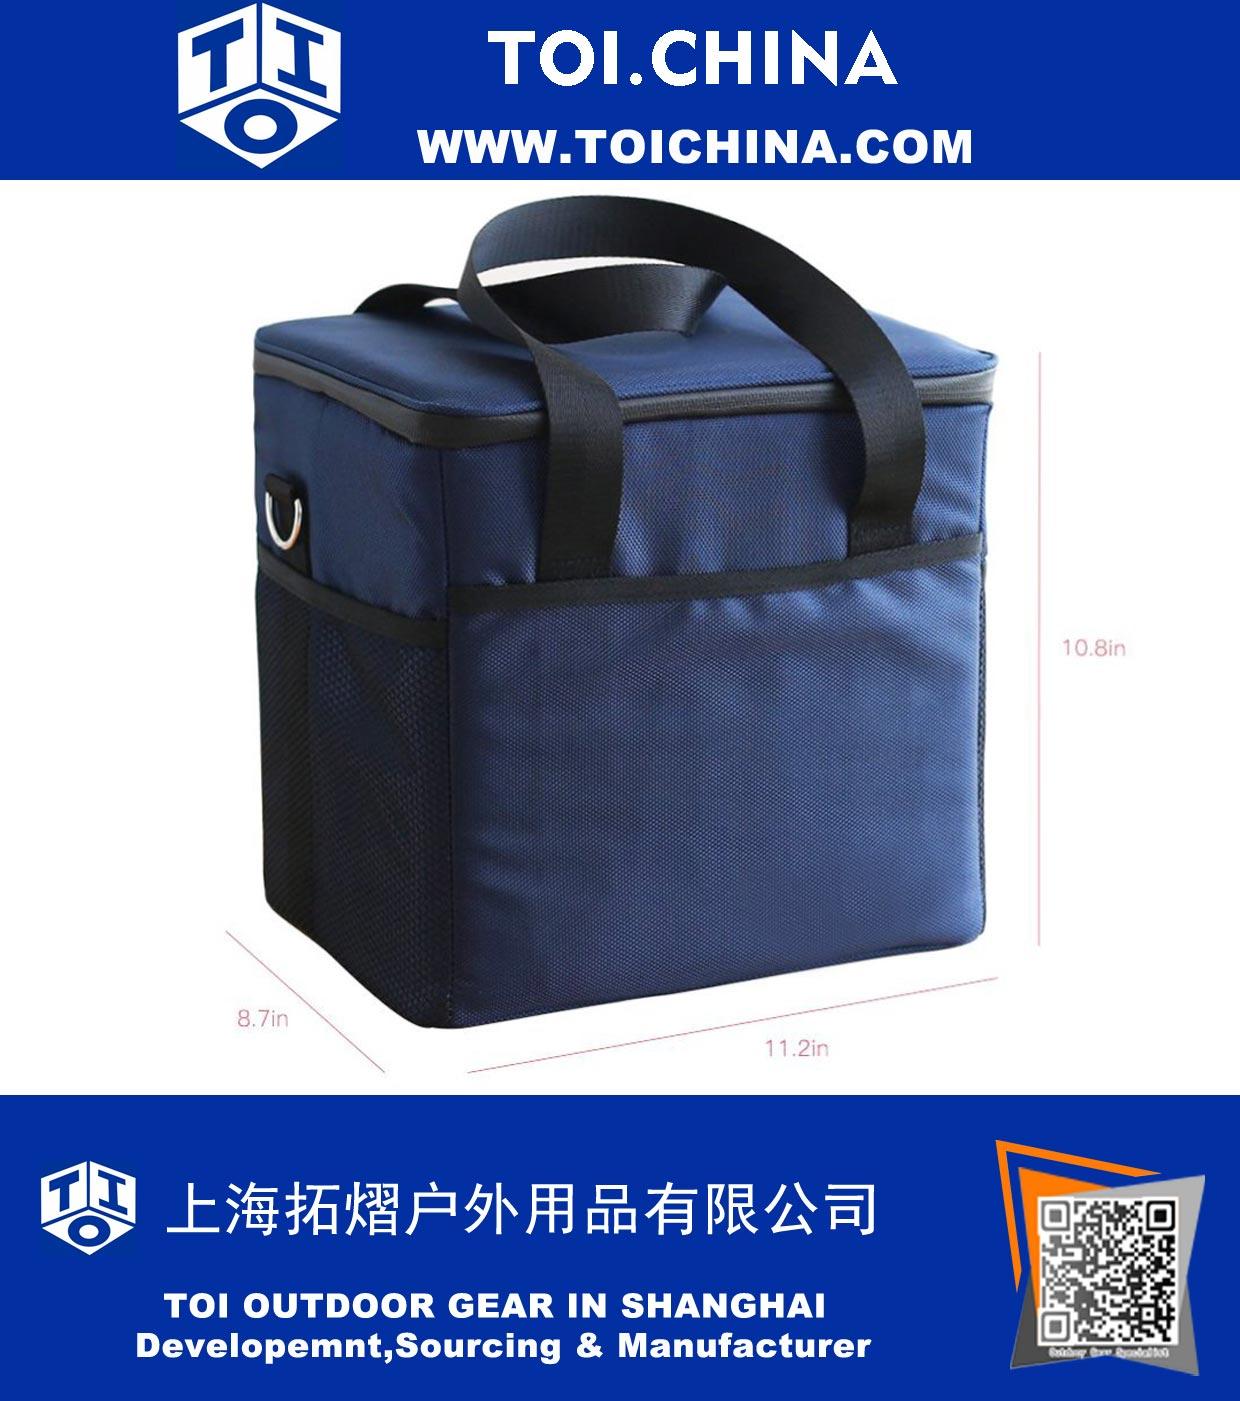 À Résistant Premium Sac Box Foncé Bleu Cooler Lunch Isolé Fznqpw1